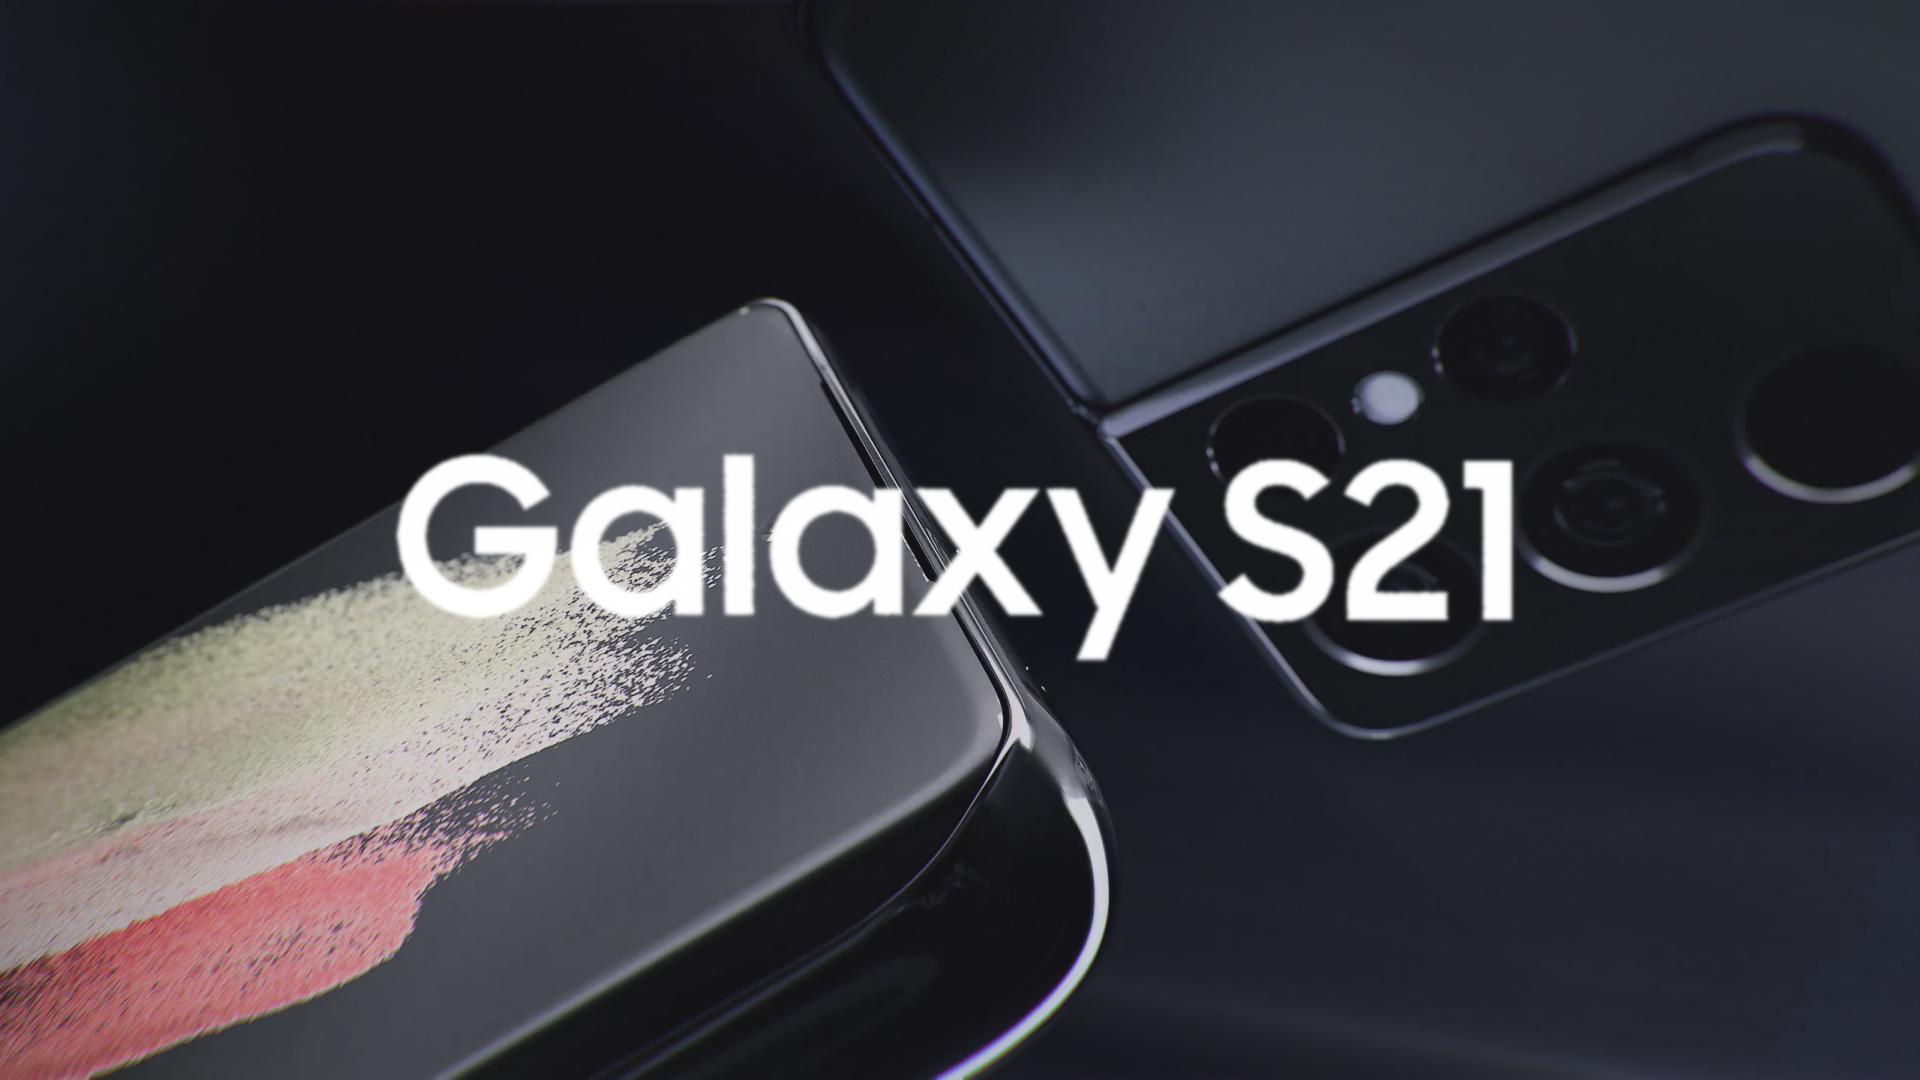 Su Galaxy S21 e One UI 3.1 arriverà una gradita novità: Google Discover nella home